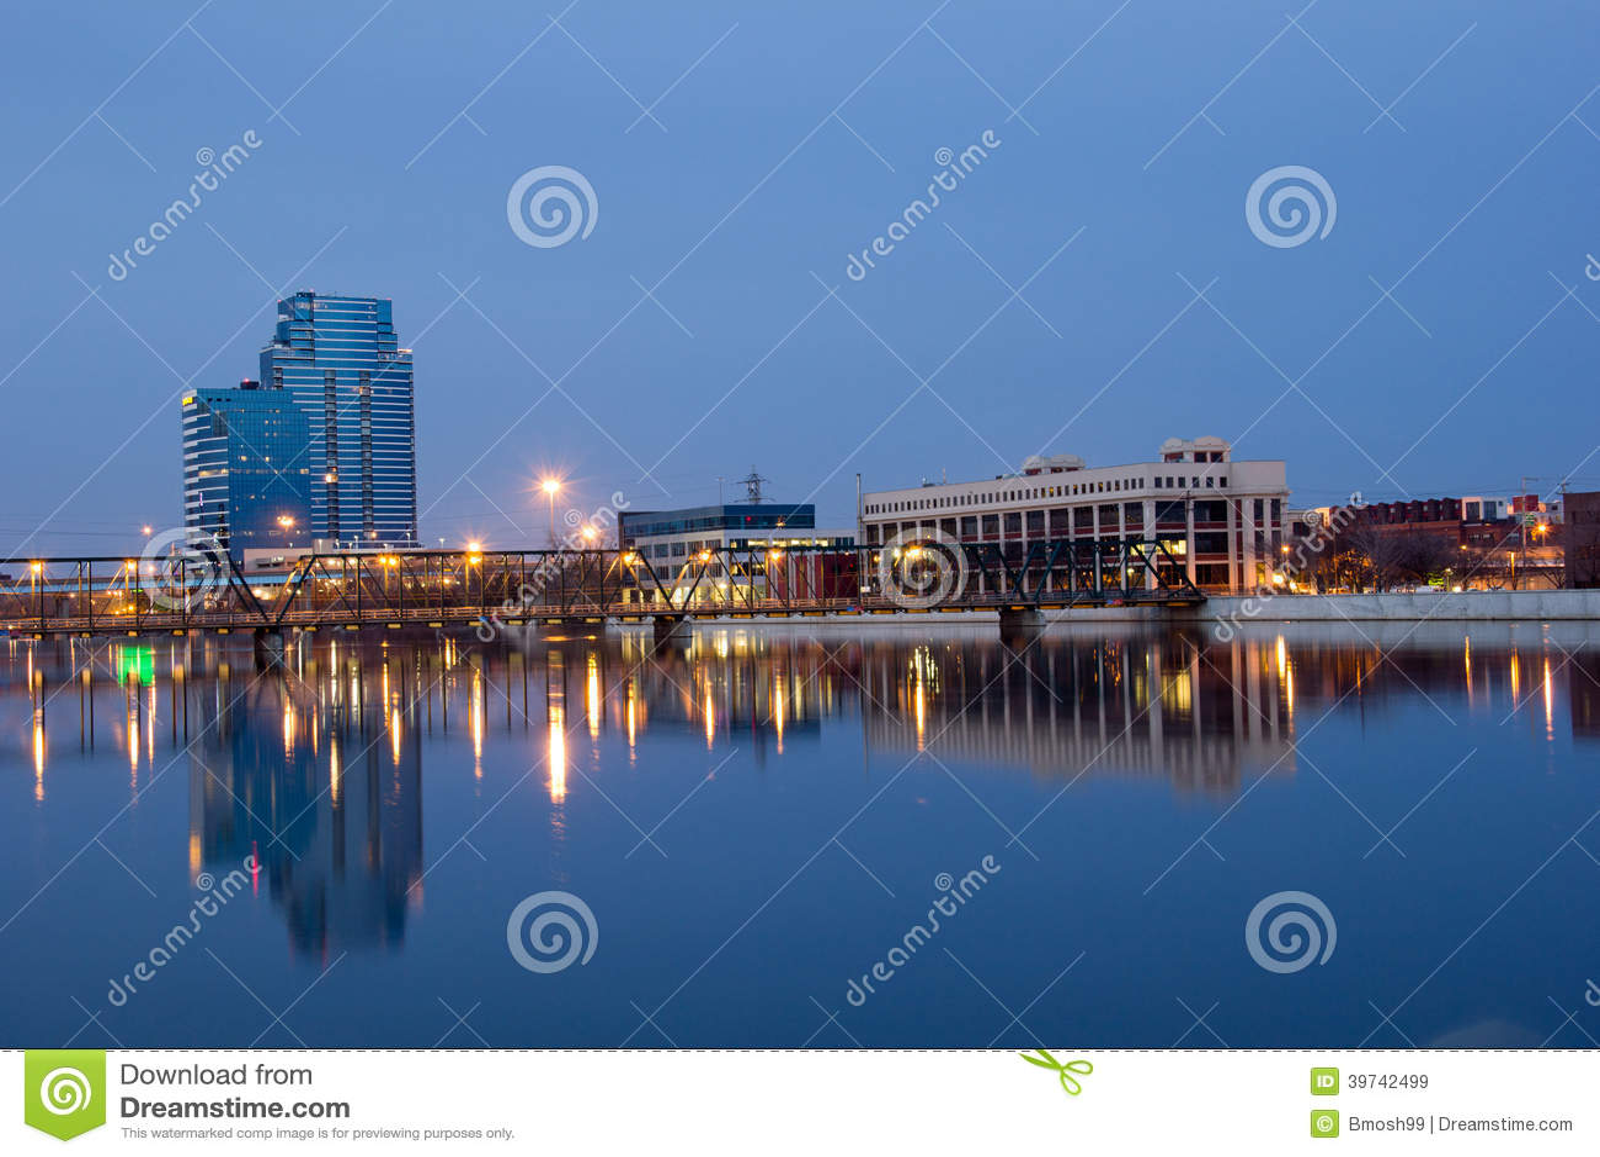 6. Straßenbrücke